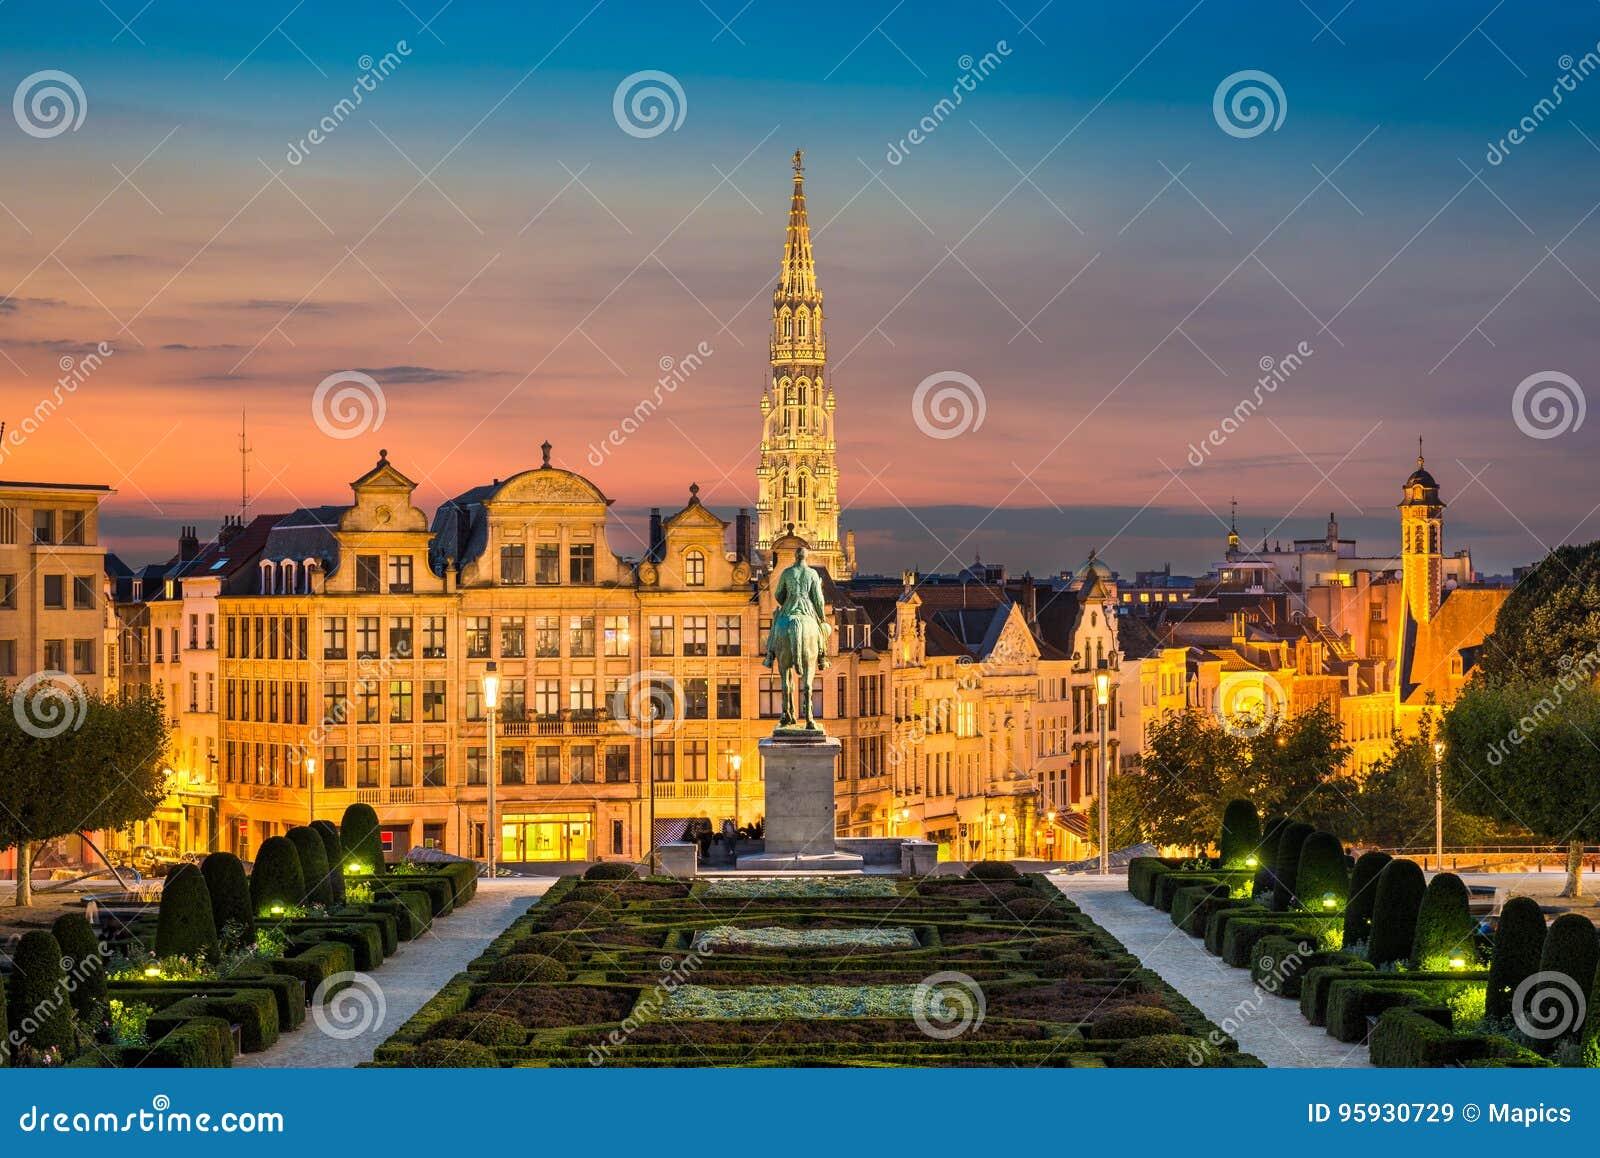 Horizon van Brussel, België